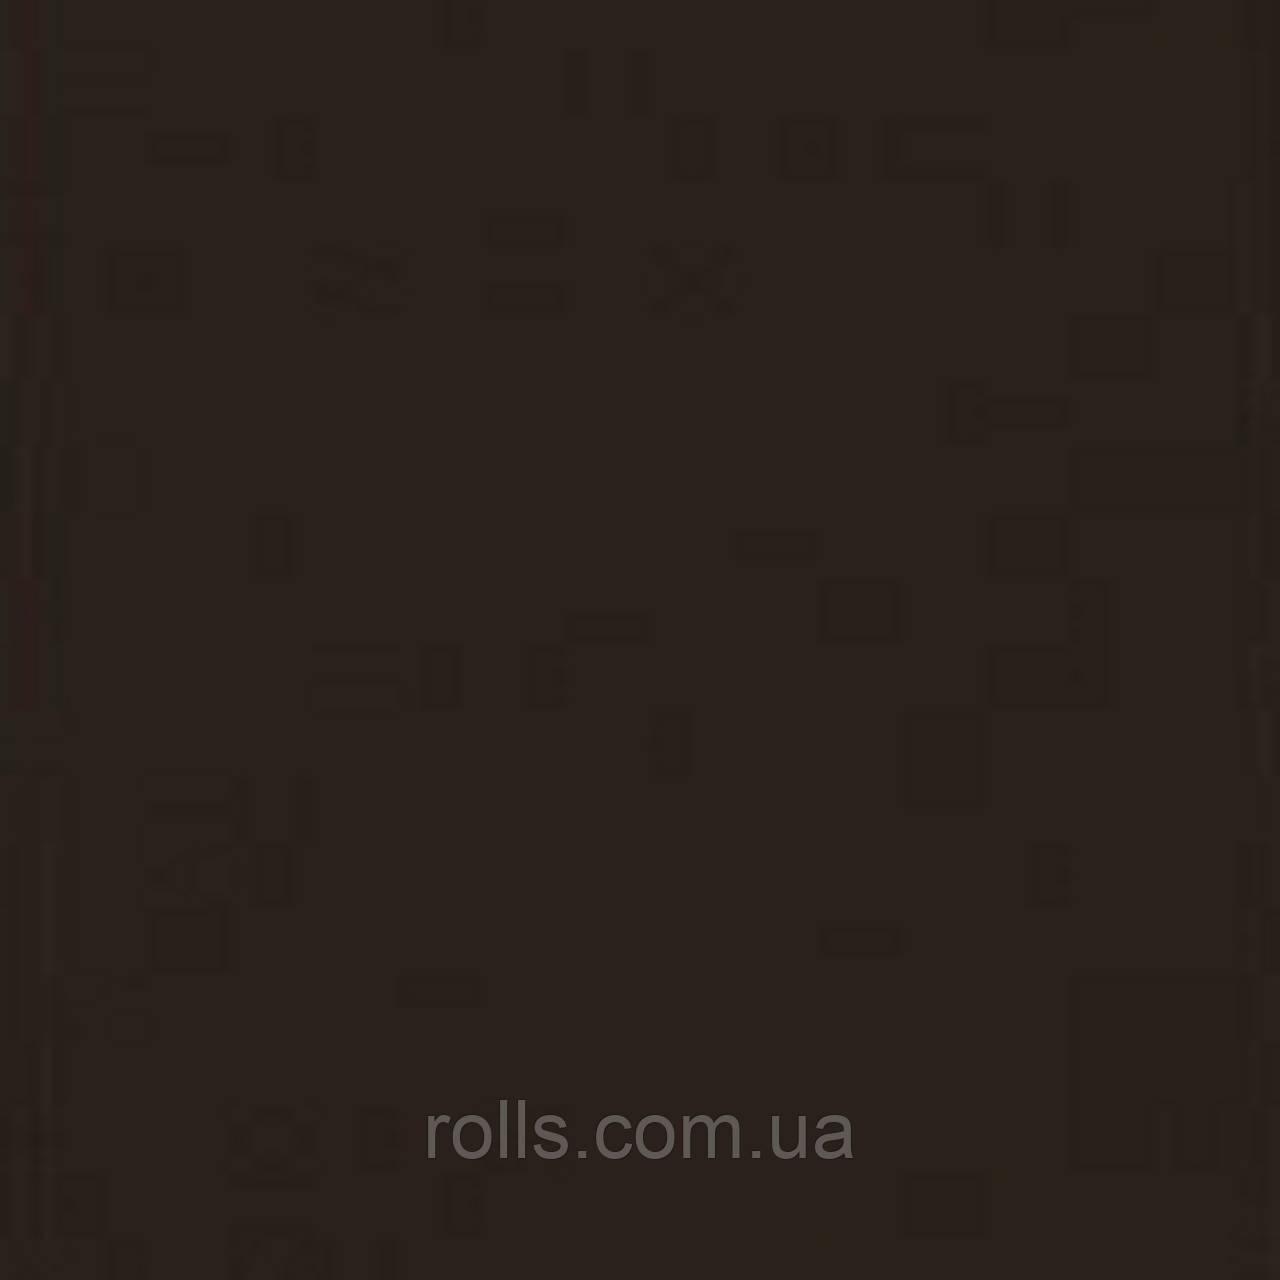 """Лист алюмінієвий плоский PREFALZ Р. 10 №11 NUSSBRAUN ГОРІХ """"NUT BROWN"""" 0,7х1000х2000мм"""